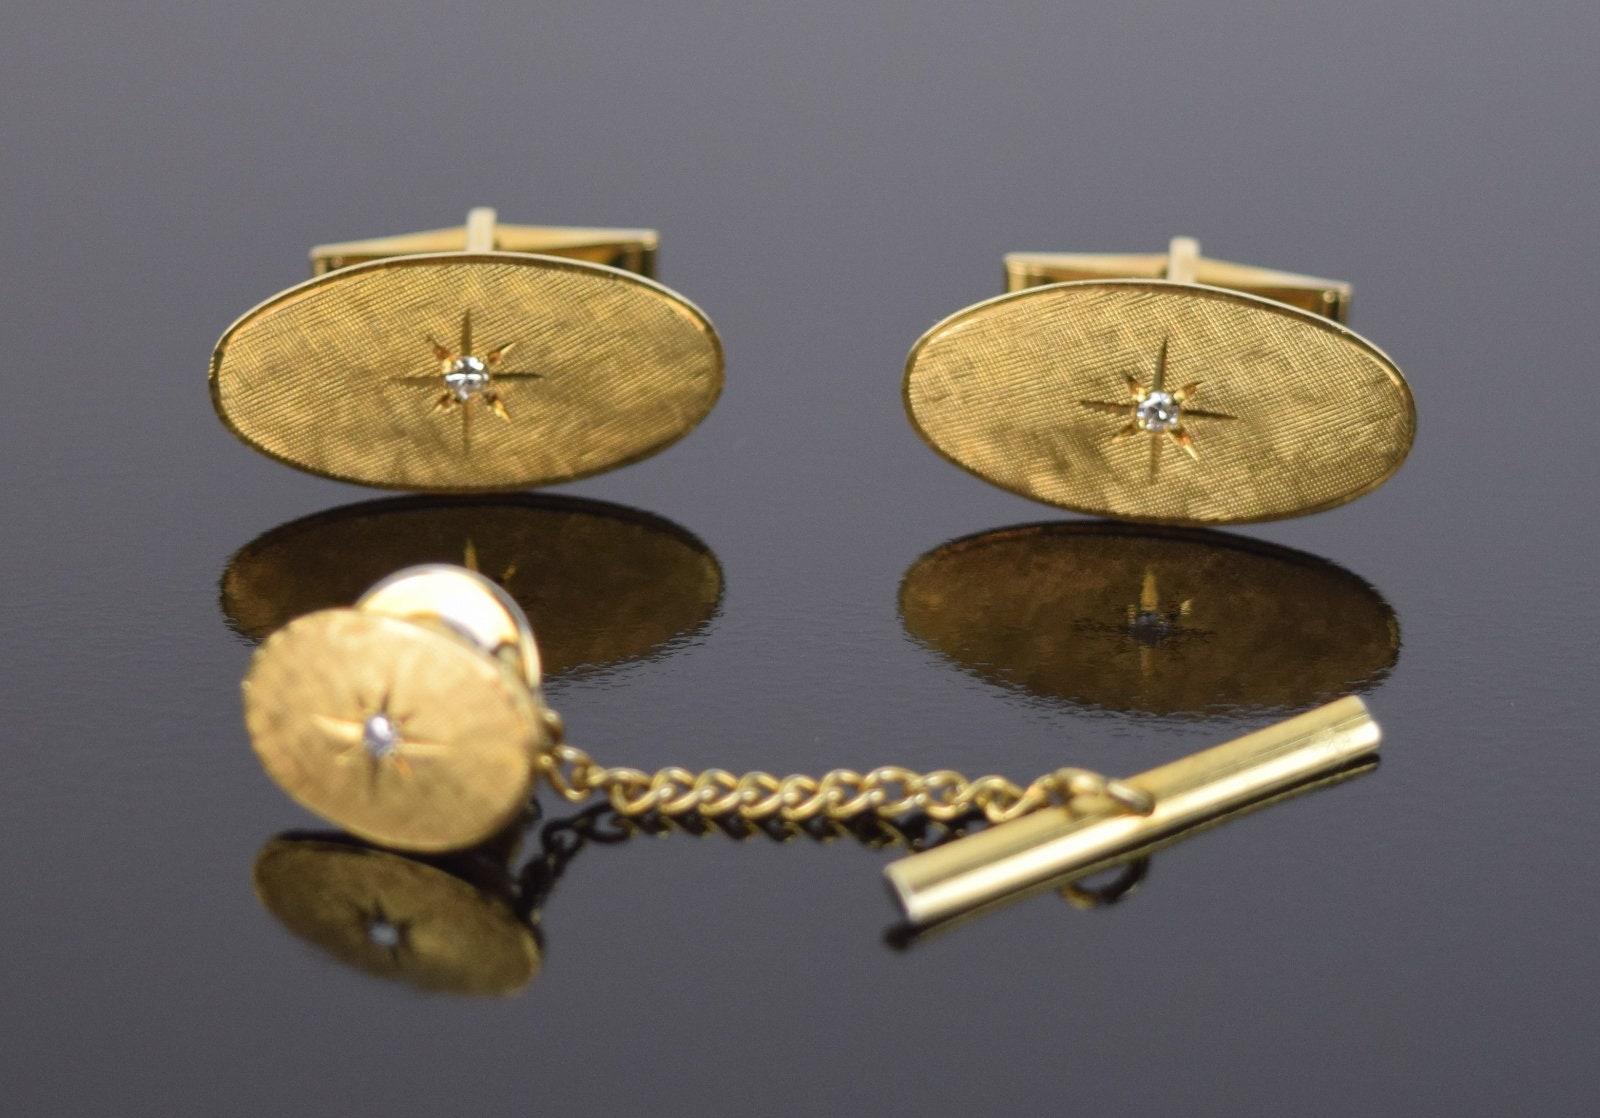 Vintage Oval Gold Starburst Tie Tack 1960s 14KT Gold Starburst Tie Tack Mid Century Gold Starburst Tie Tack Vintage Gold Oval Tie Tack